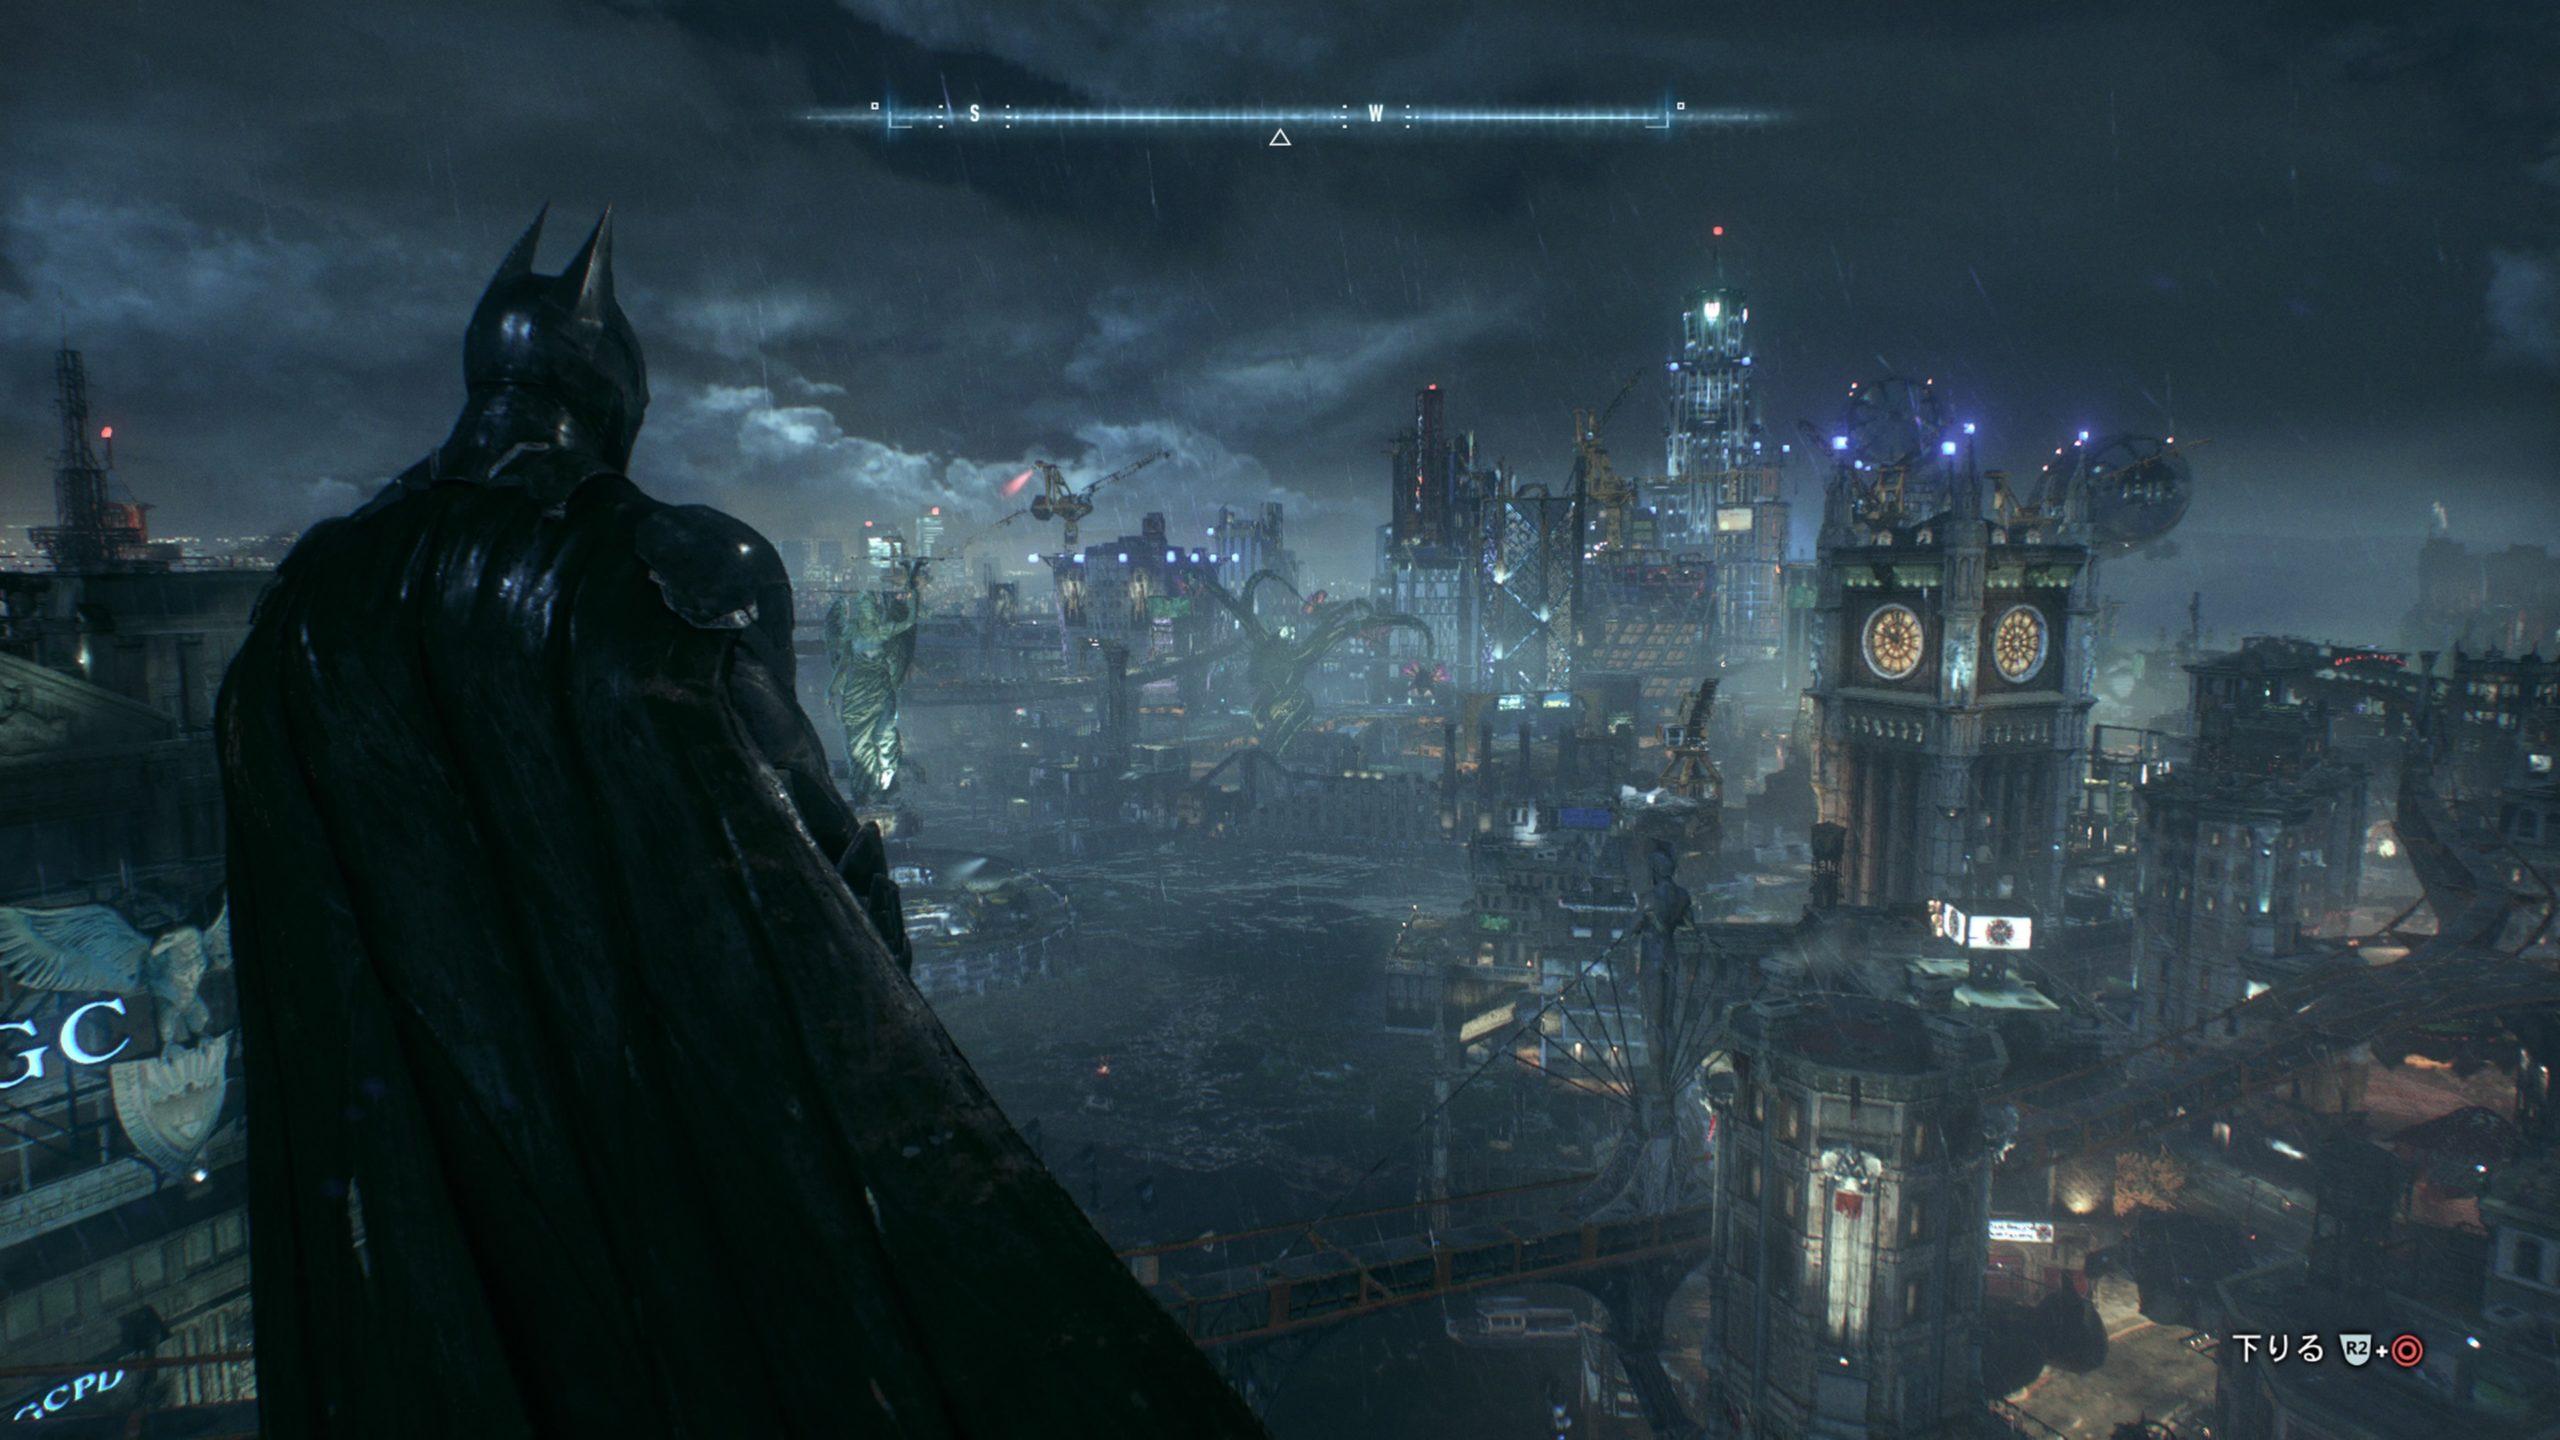 【バットマン : アーカム・ナイト】造り込まれたゴッサムシティは圧巻【アクションアドベンチャー】【レビュー】